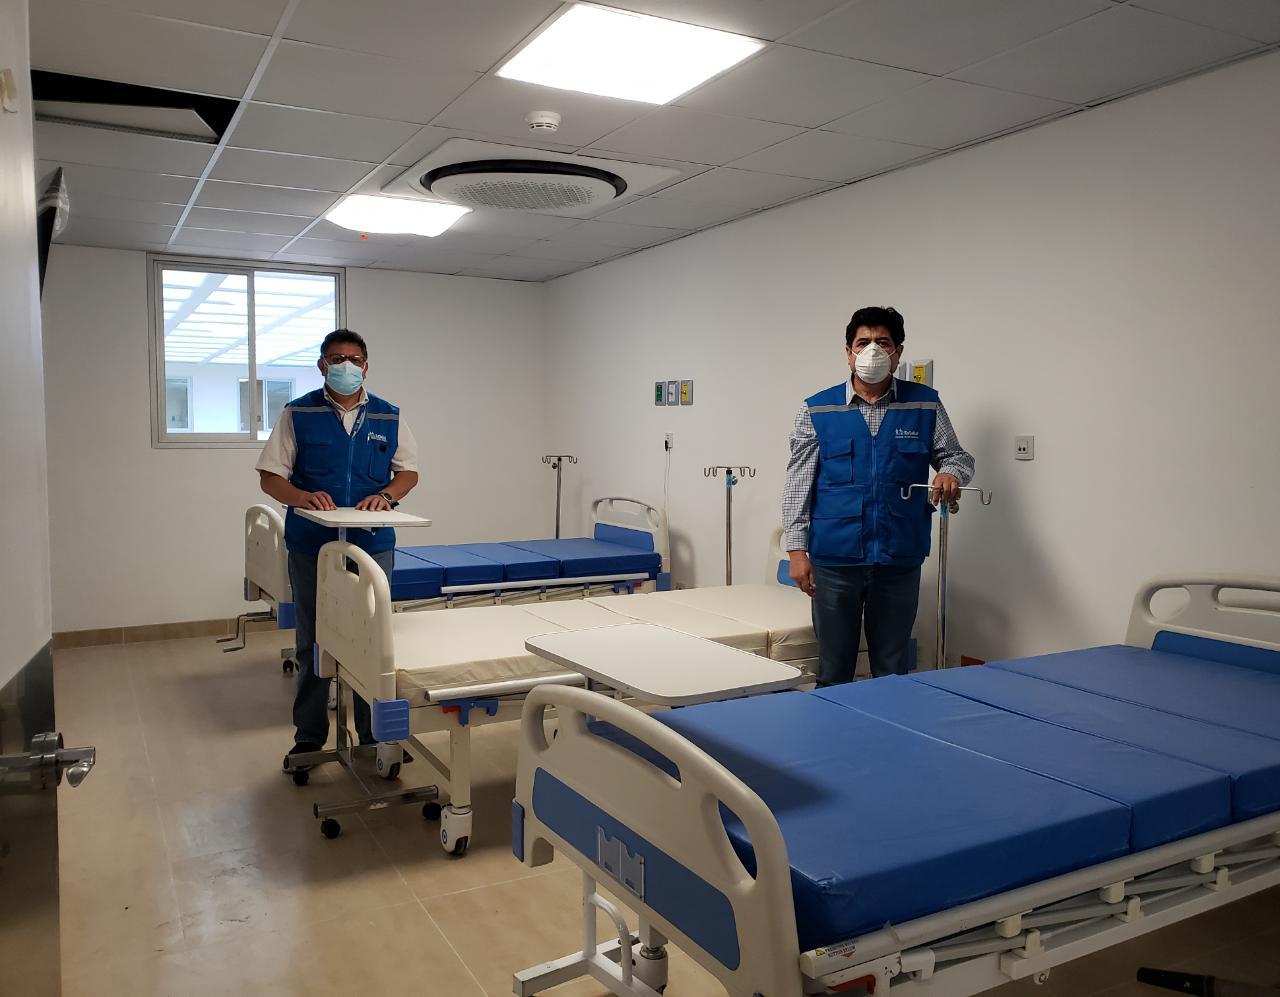 Essalud - EsSalud Arequipa moderniza infraestructura del Policlínico Metropolitano